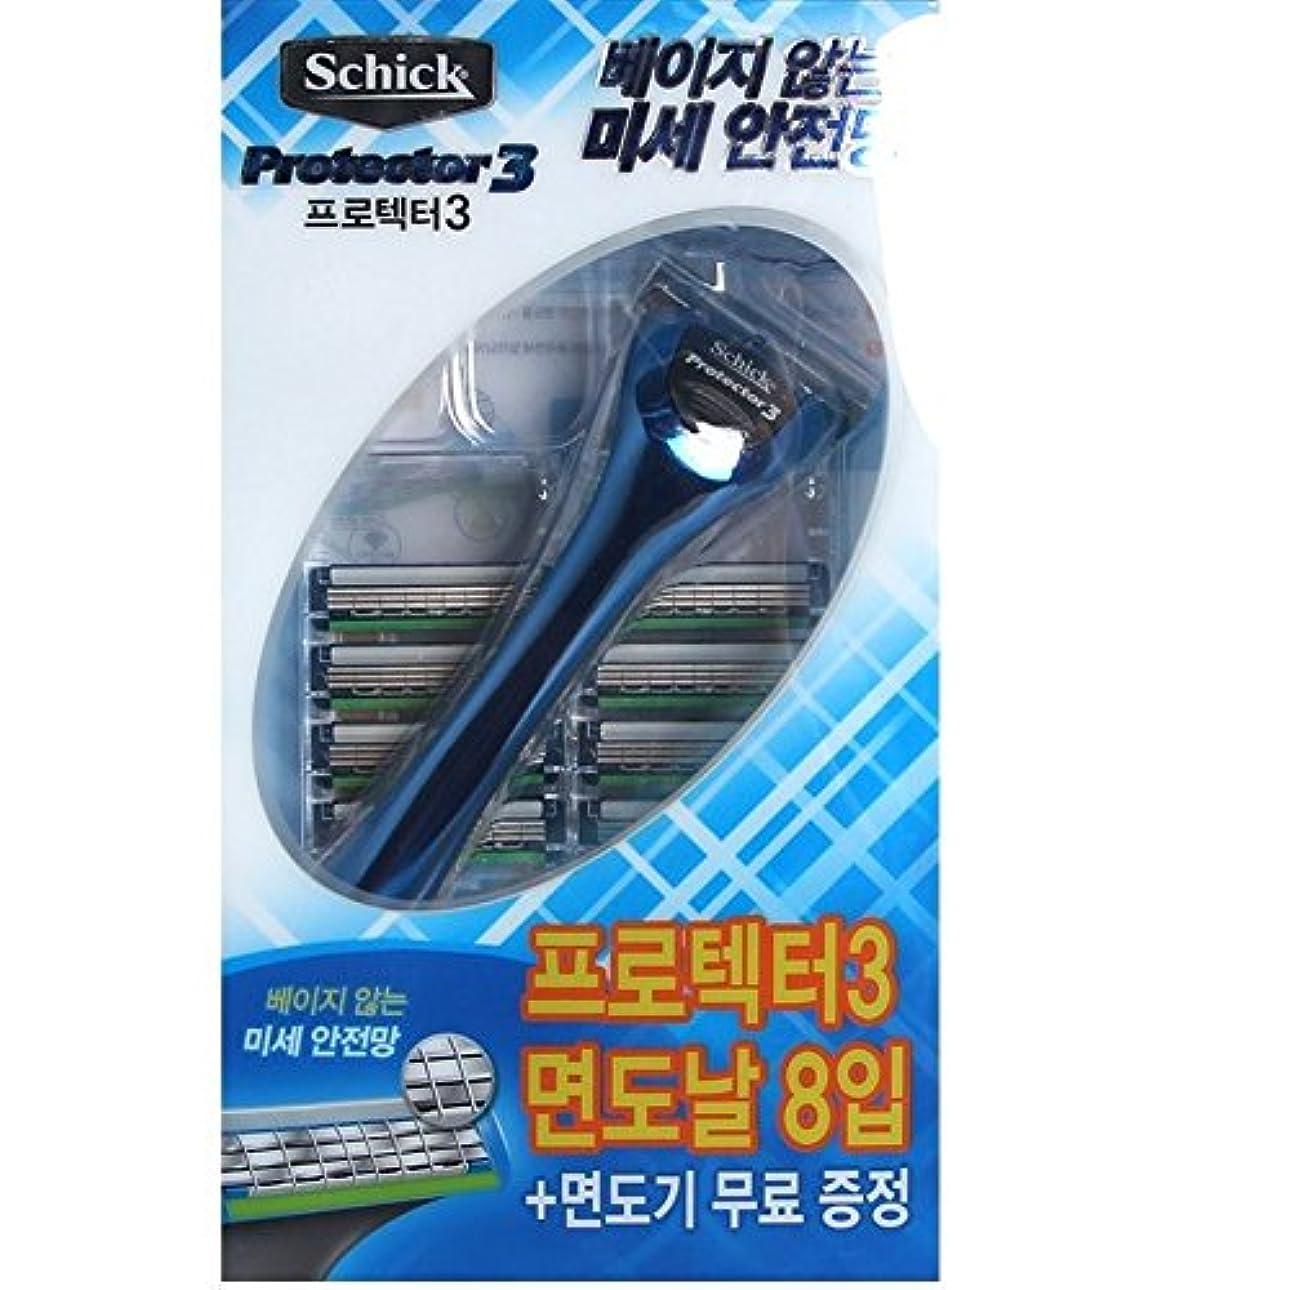 頑固な息切れ報告書Schick Protector3 1レイザー+9カートリッジリフィルブレイド [並行輸入品]